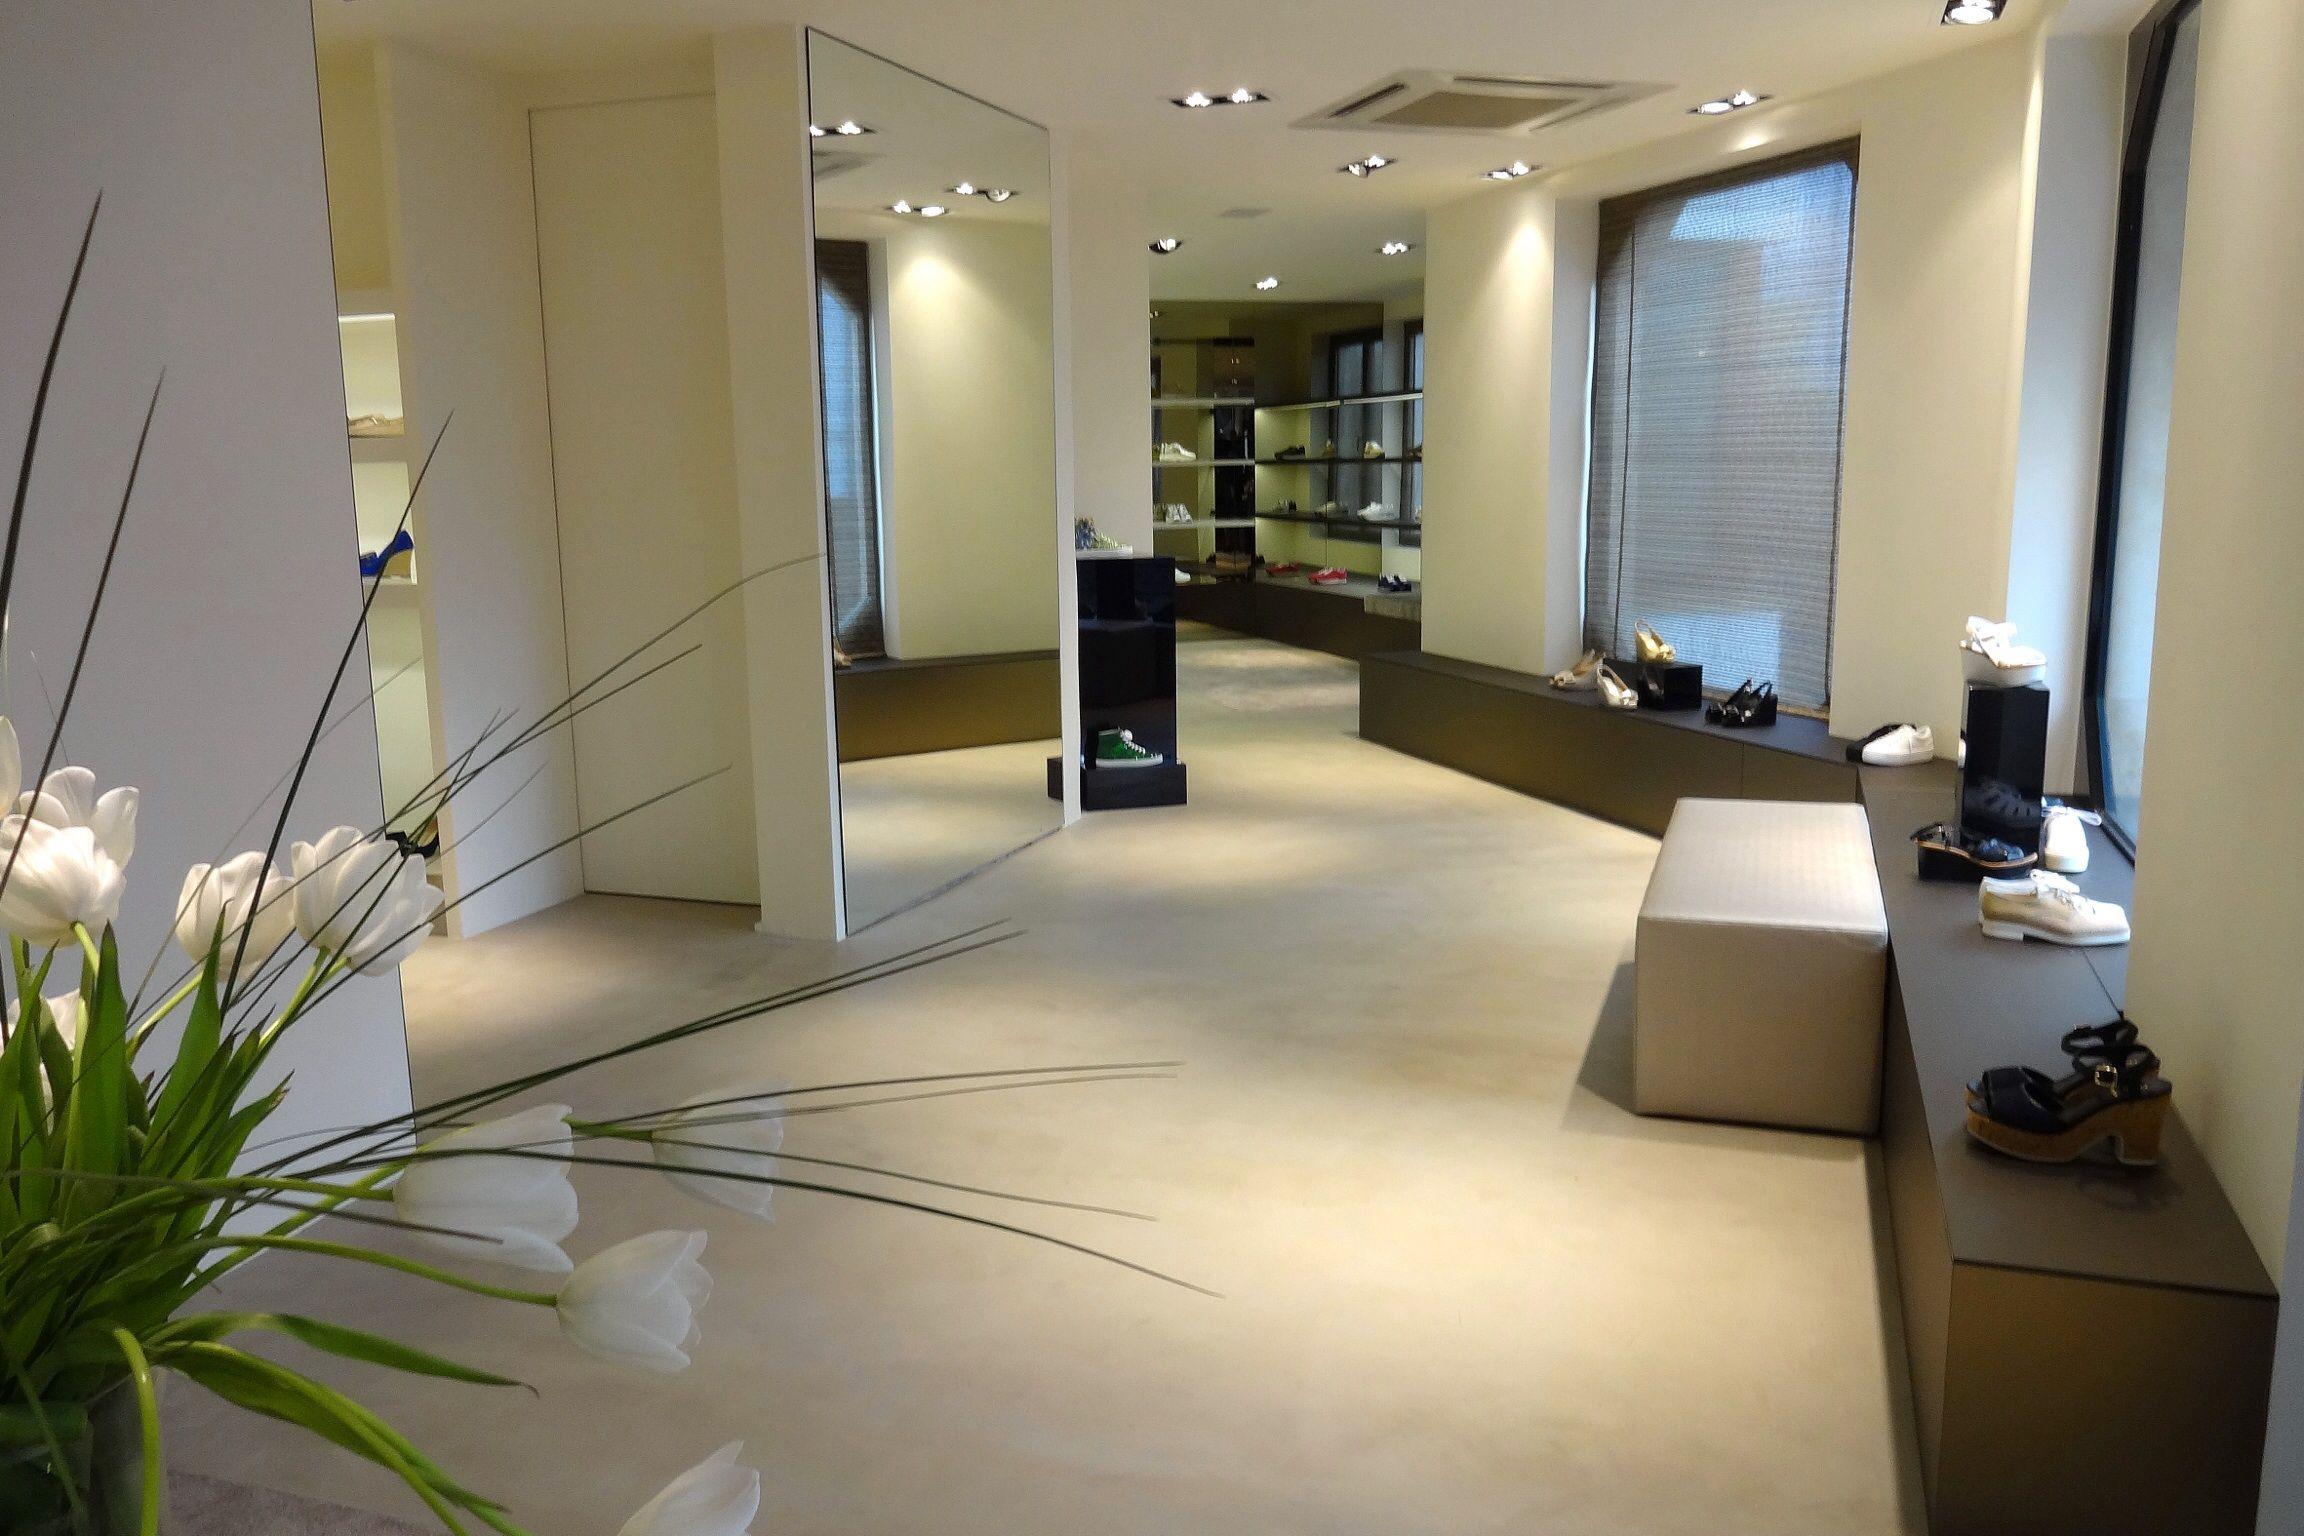 Stuc deco floor - Badkamer stucwerk | Pinterest - Deco en Badkamer